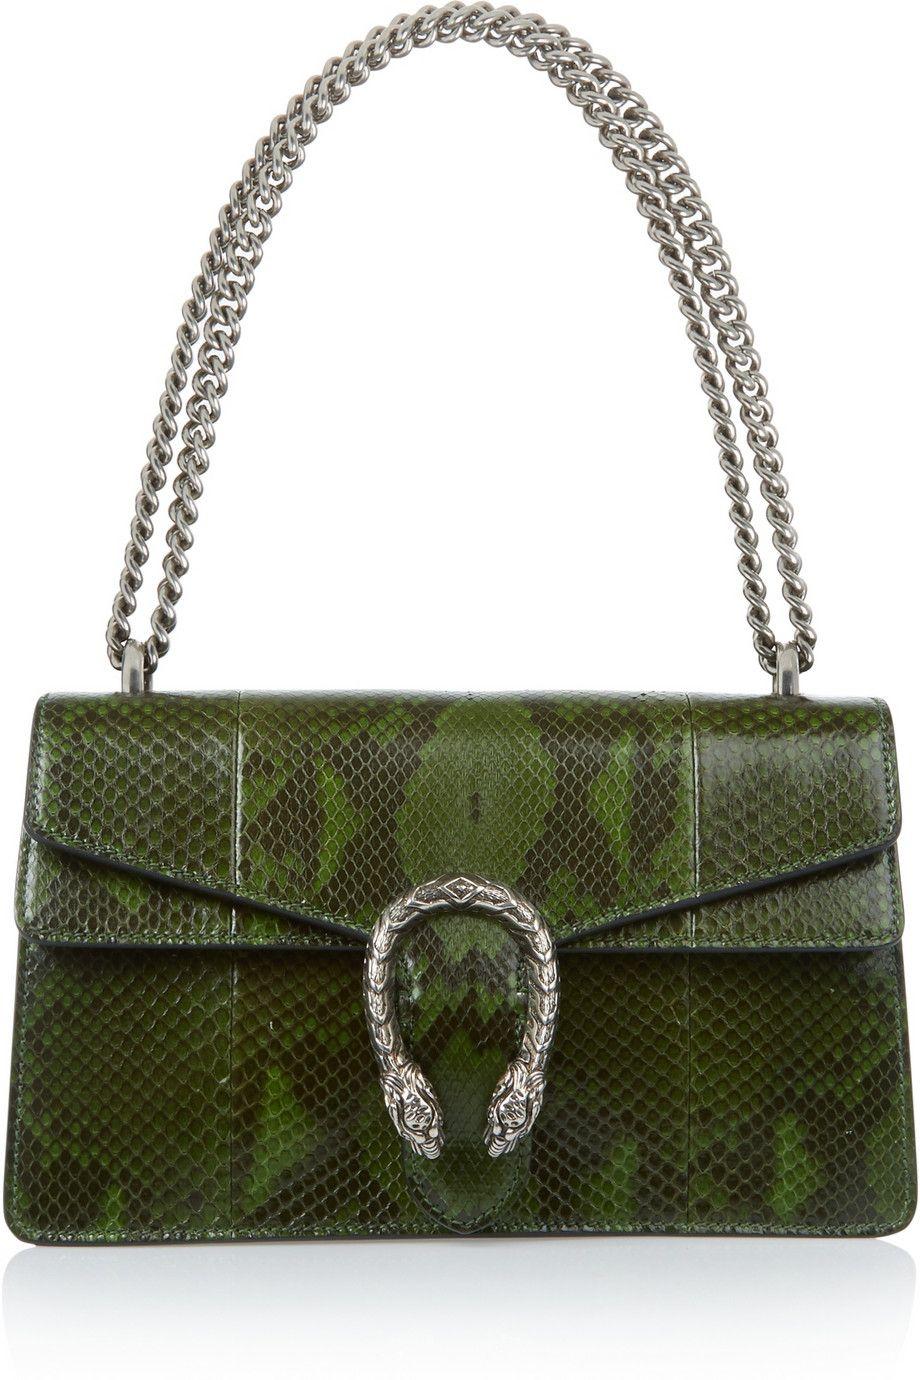 Gucci | Dionysus small python shoulder bag | NET-A-PORTER.COM